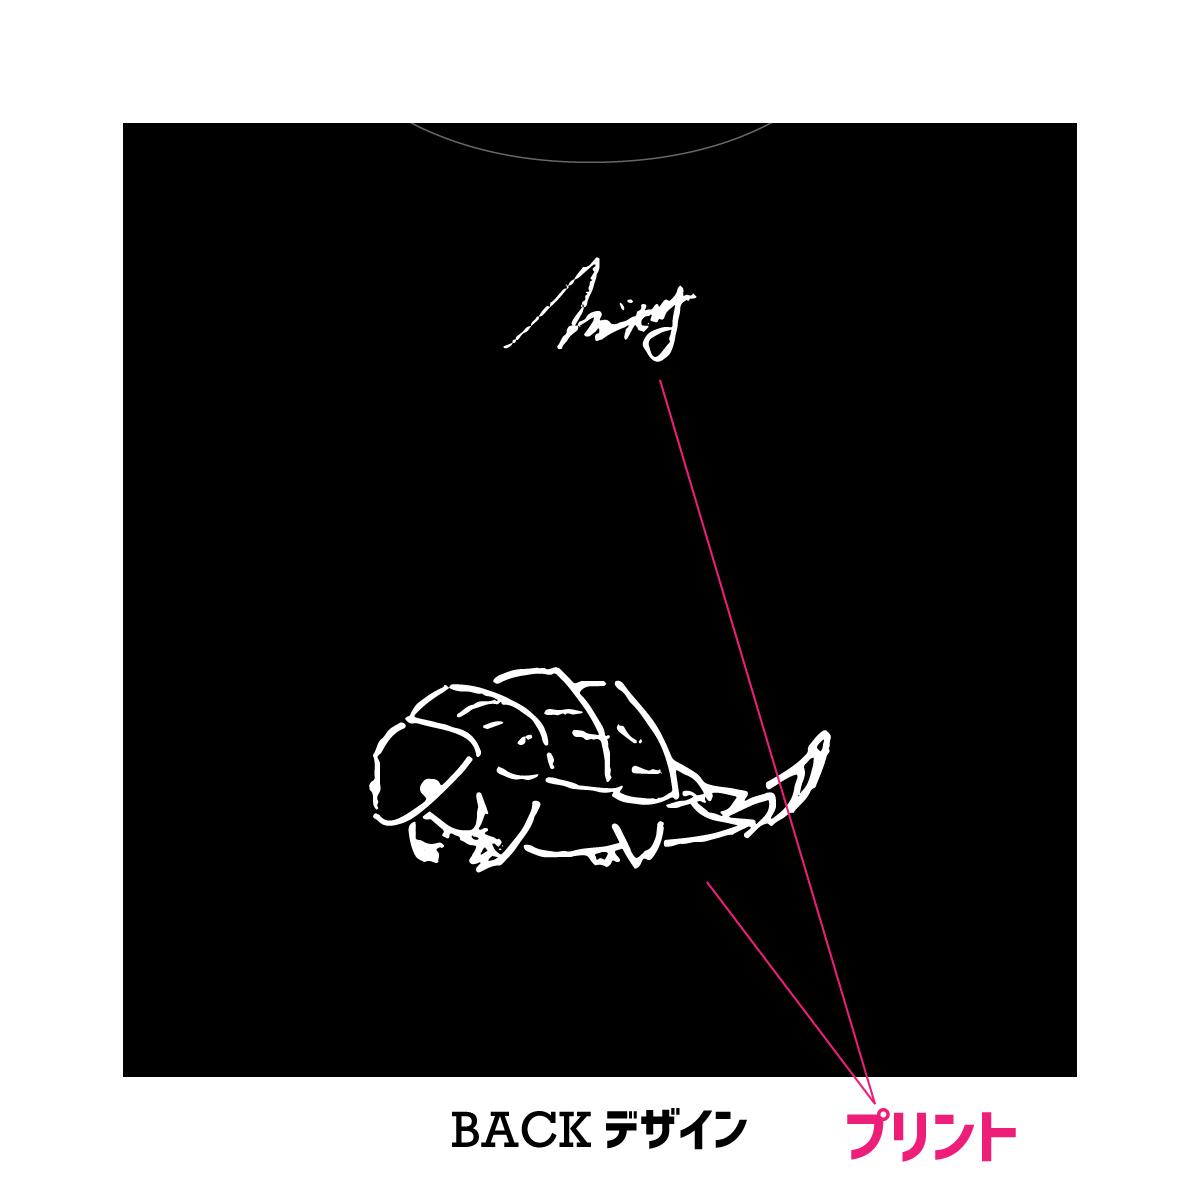 【メンバーズサイト限定】桜庭大翔プロデュース「アルマジロTシャツ(ブラック)」